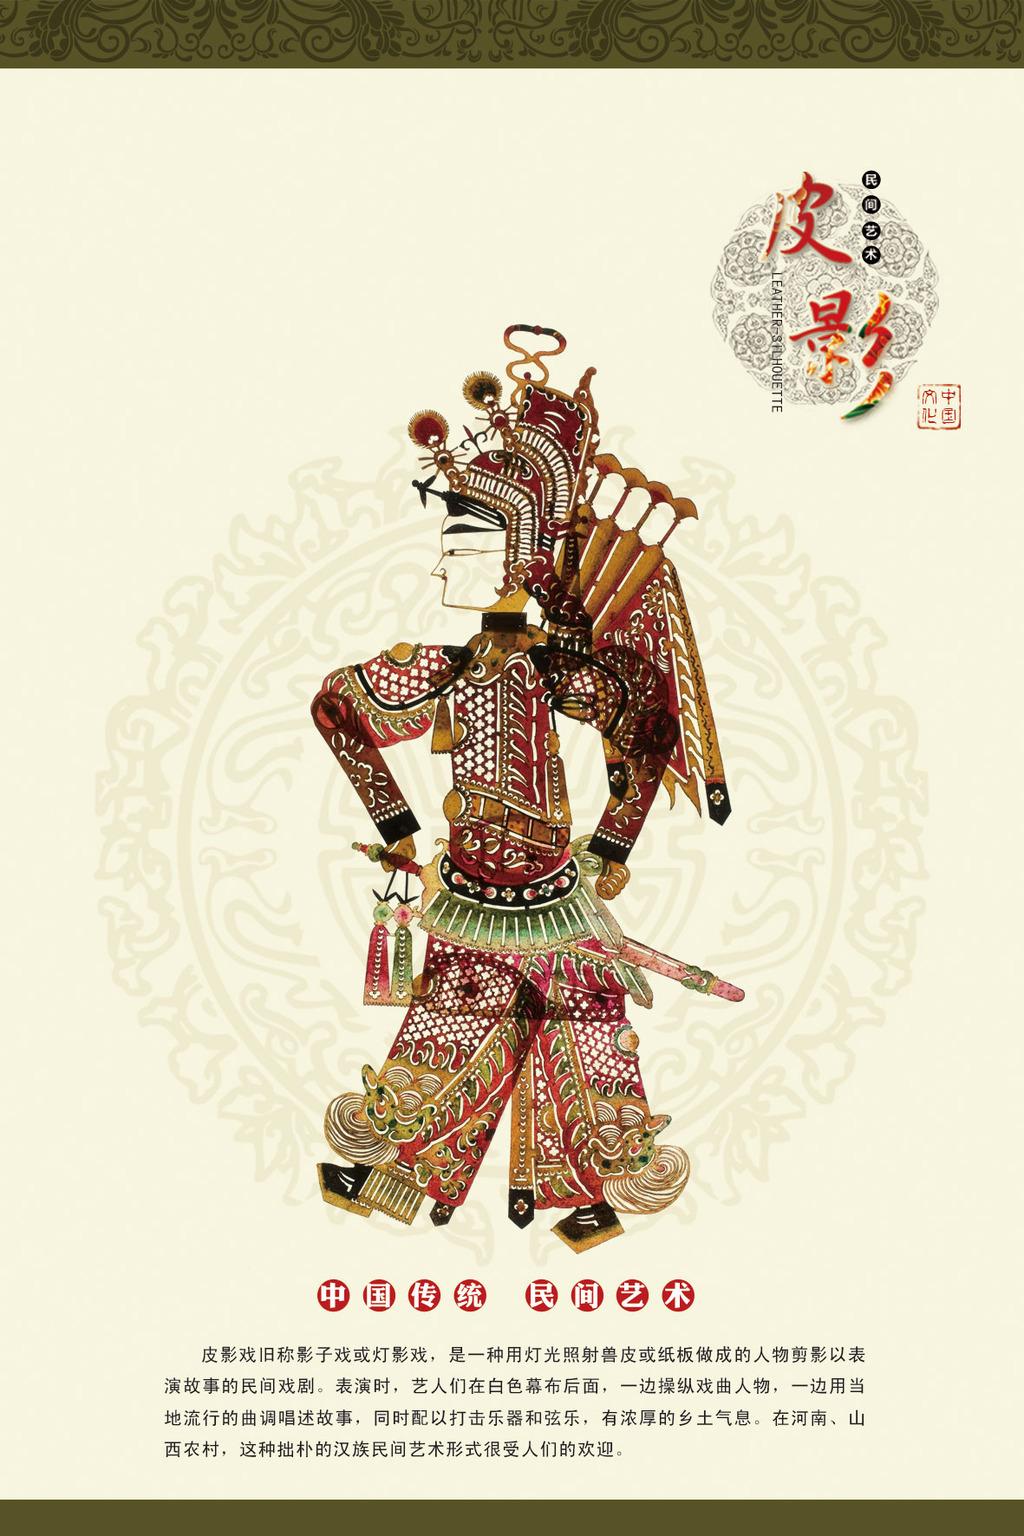 戏剧人物 中国风展板 文化艺术 粤剧文化 传统京剧 民间文化 民俗民风